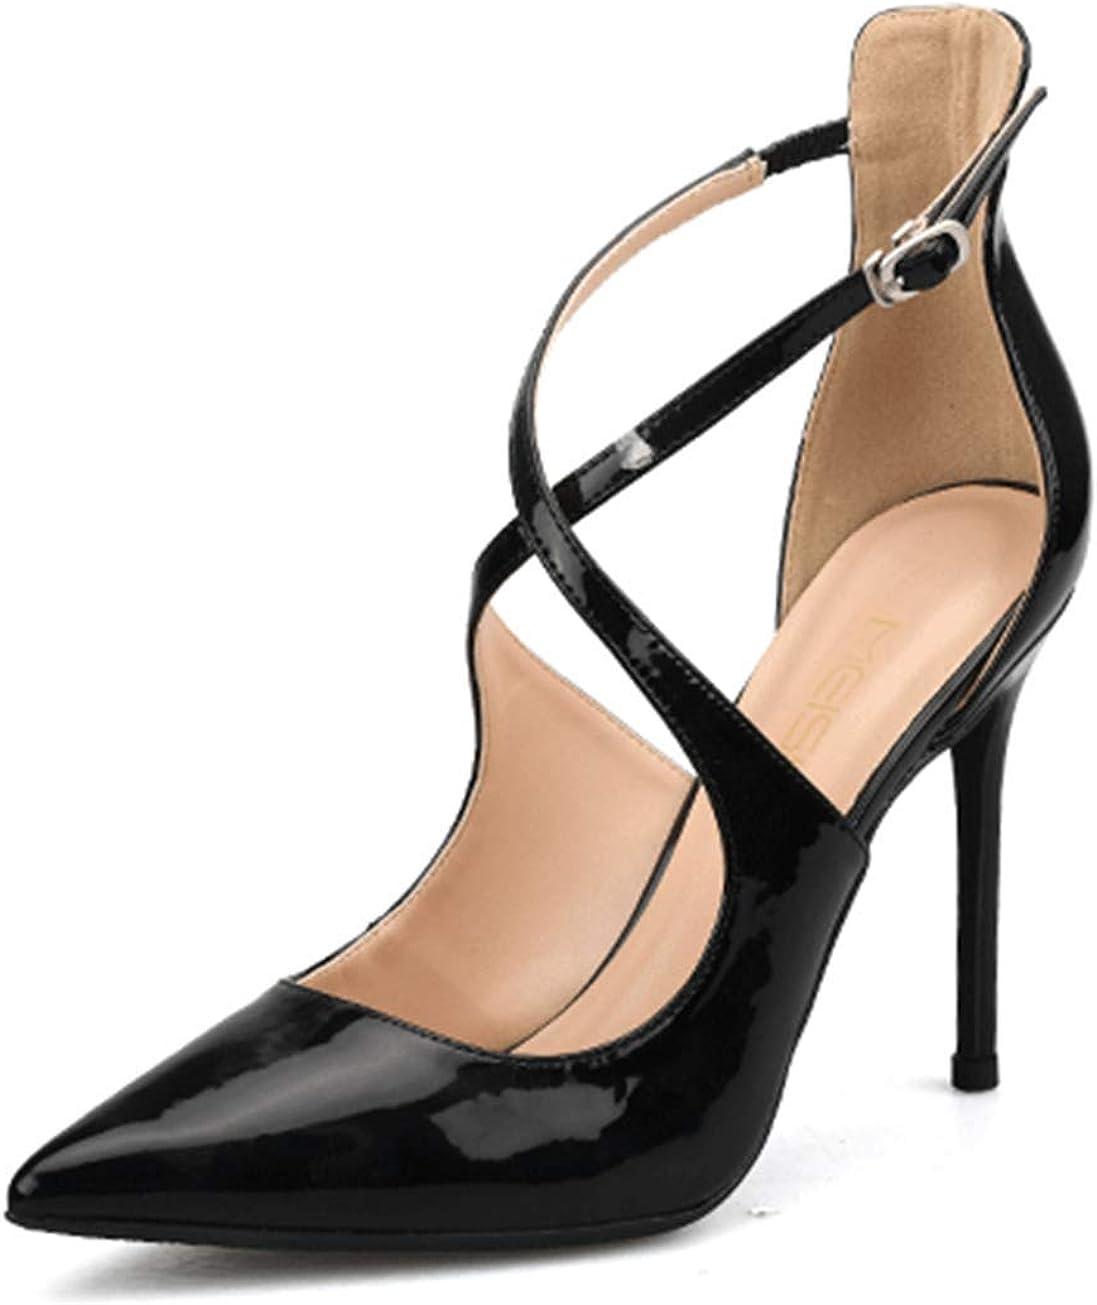 Fanessy Femme Sandales Mode Escarpins Noir Rouge Grande Taille de 32-42 Talon Haut Aiguille de 10CM /él/égant Mode Chaussure de Soir/ée Casual Boucle Chic